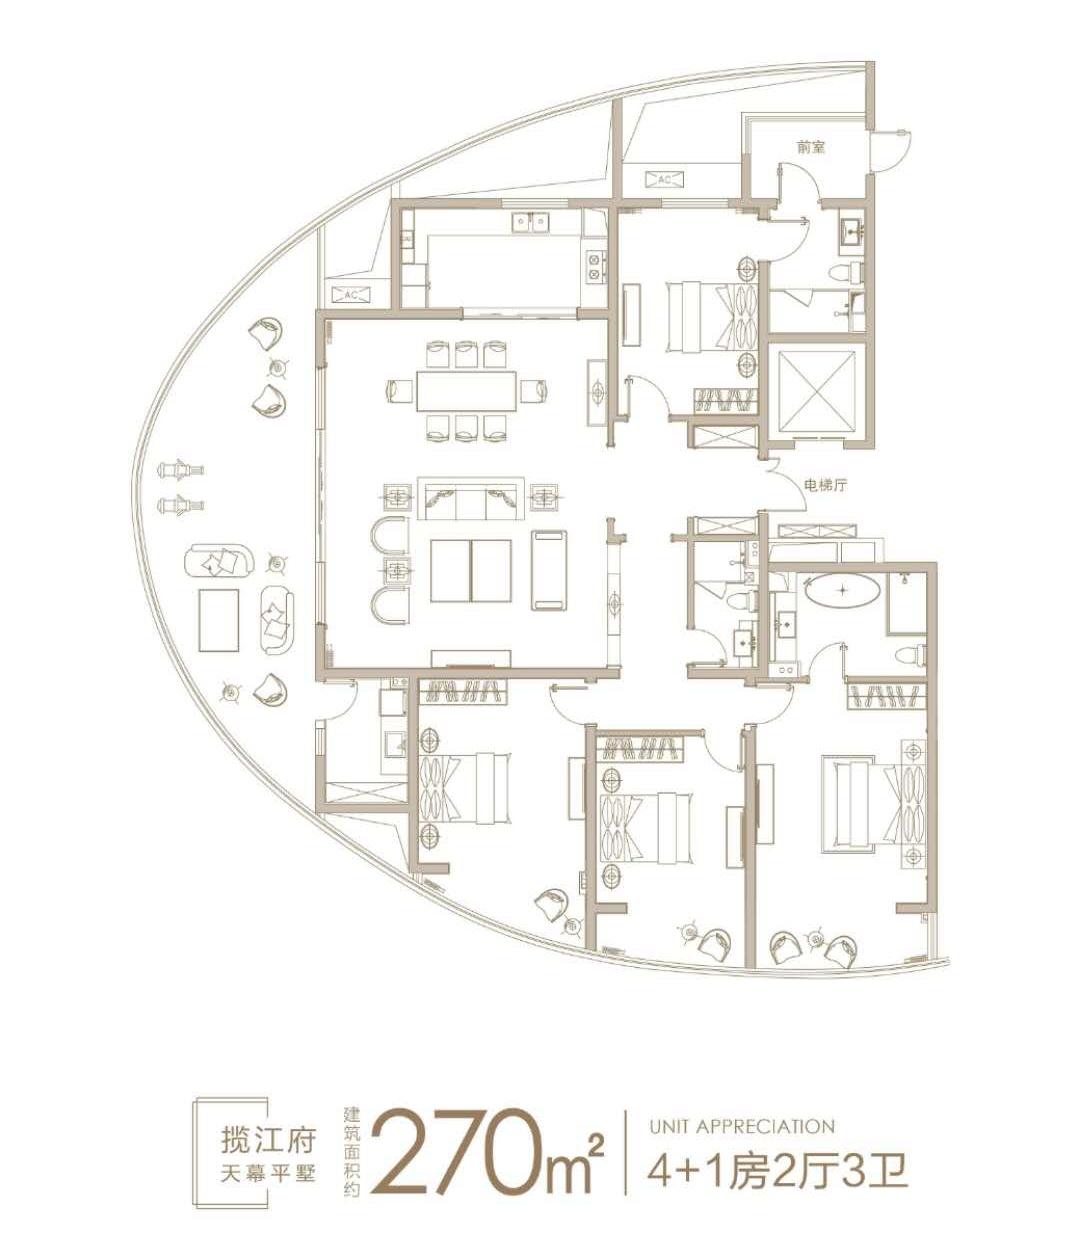 伟星长江之歌二期揽江府天幕平墅面积约270平户型图